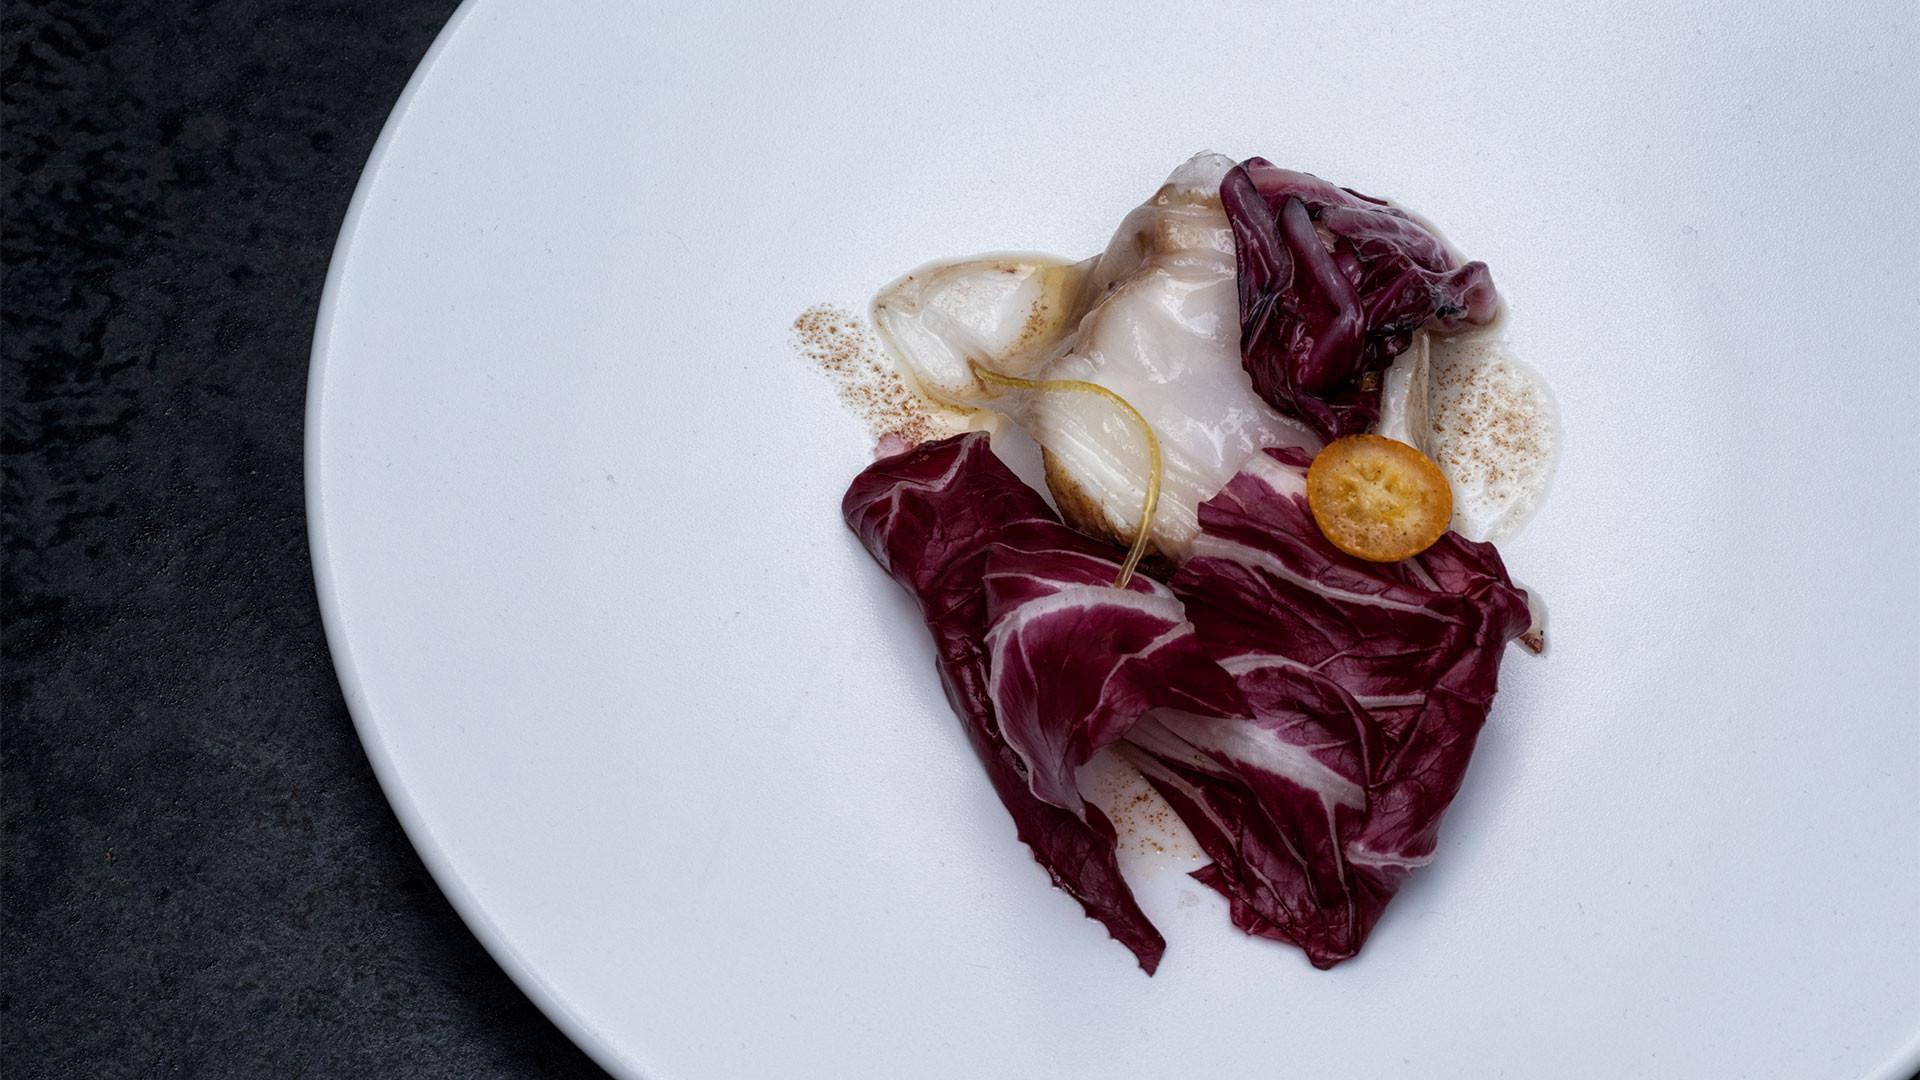 Monkfish with lardo, radicchio and bottarga from Serge et le Phoque